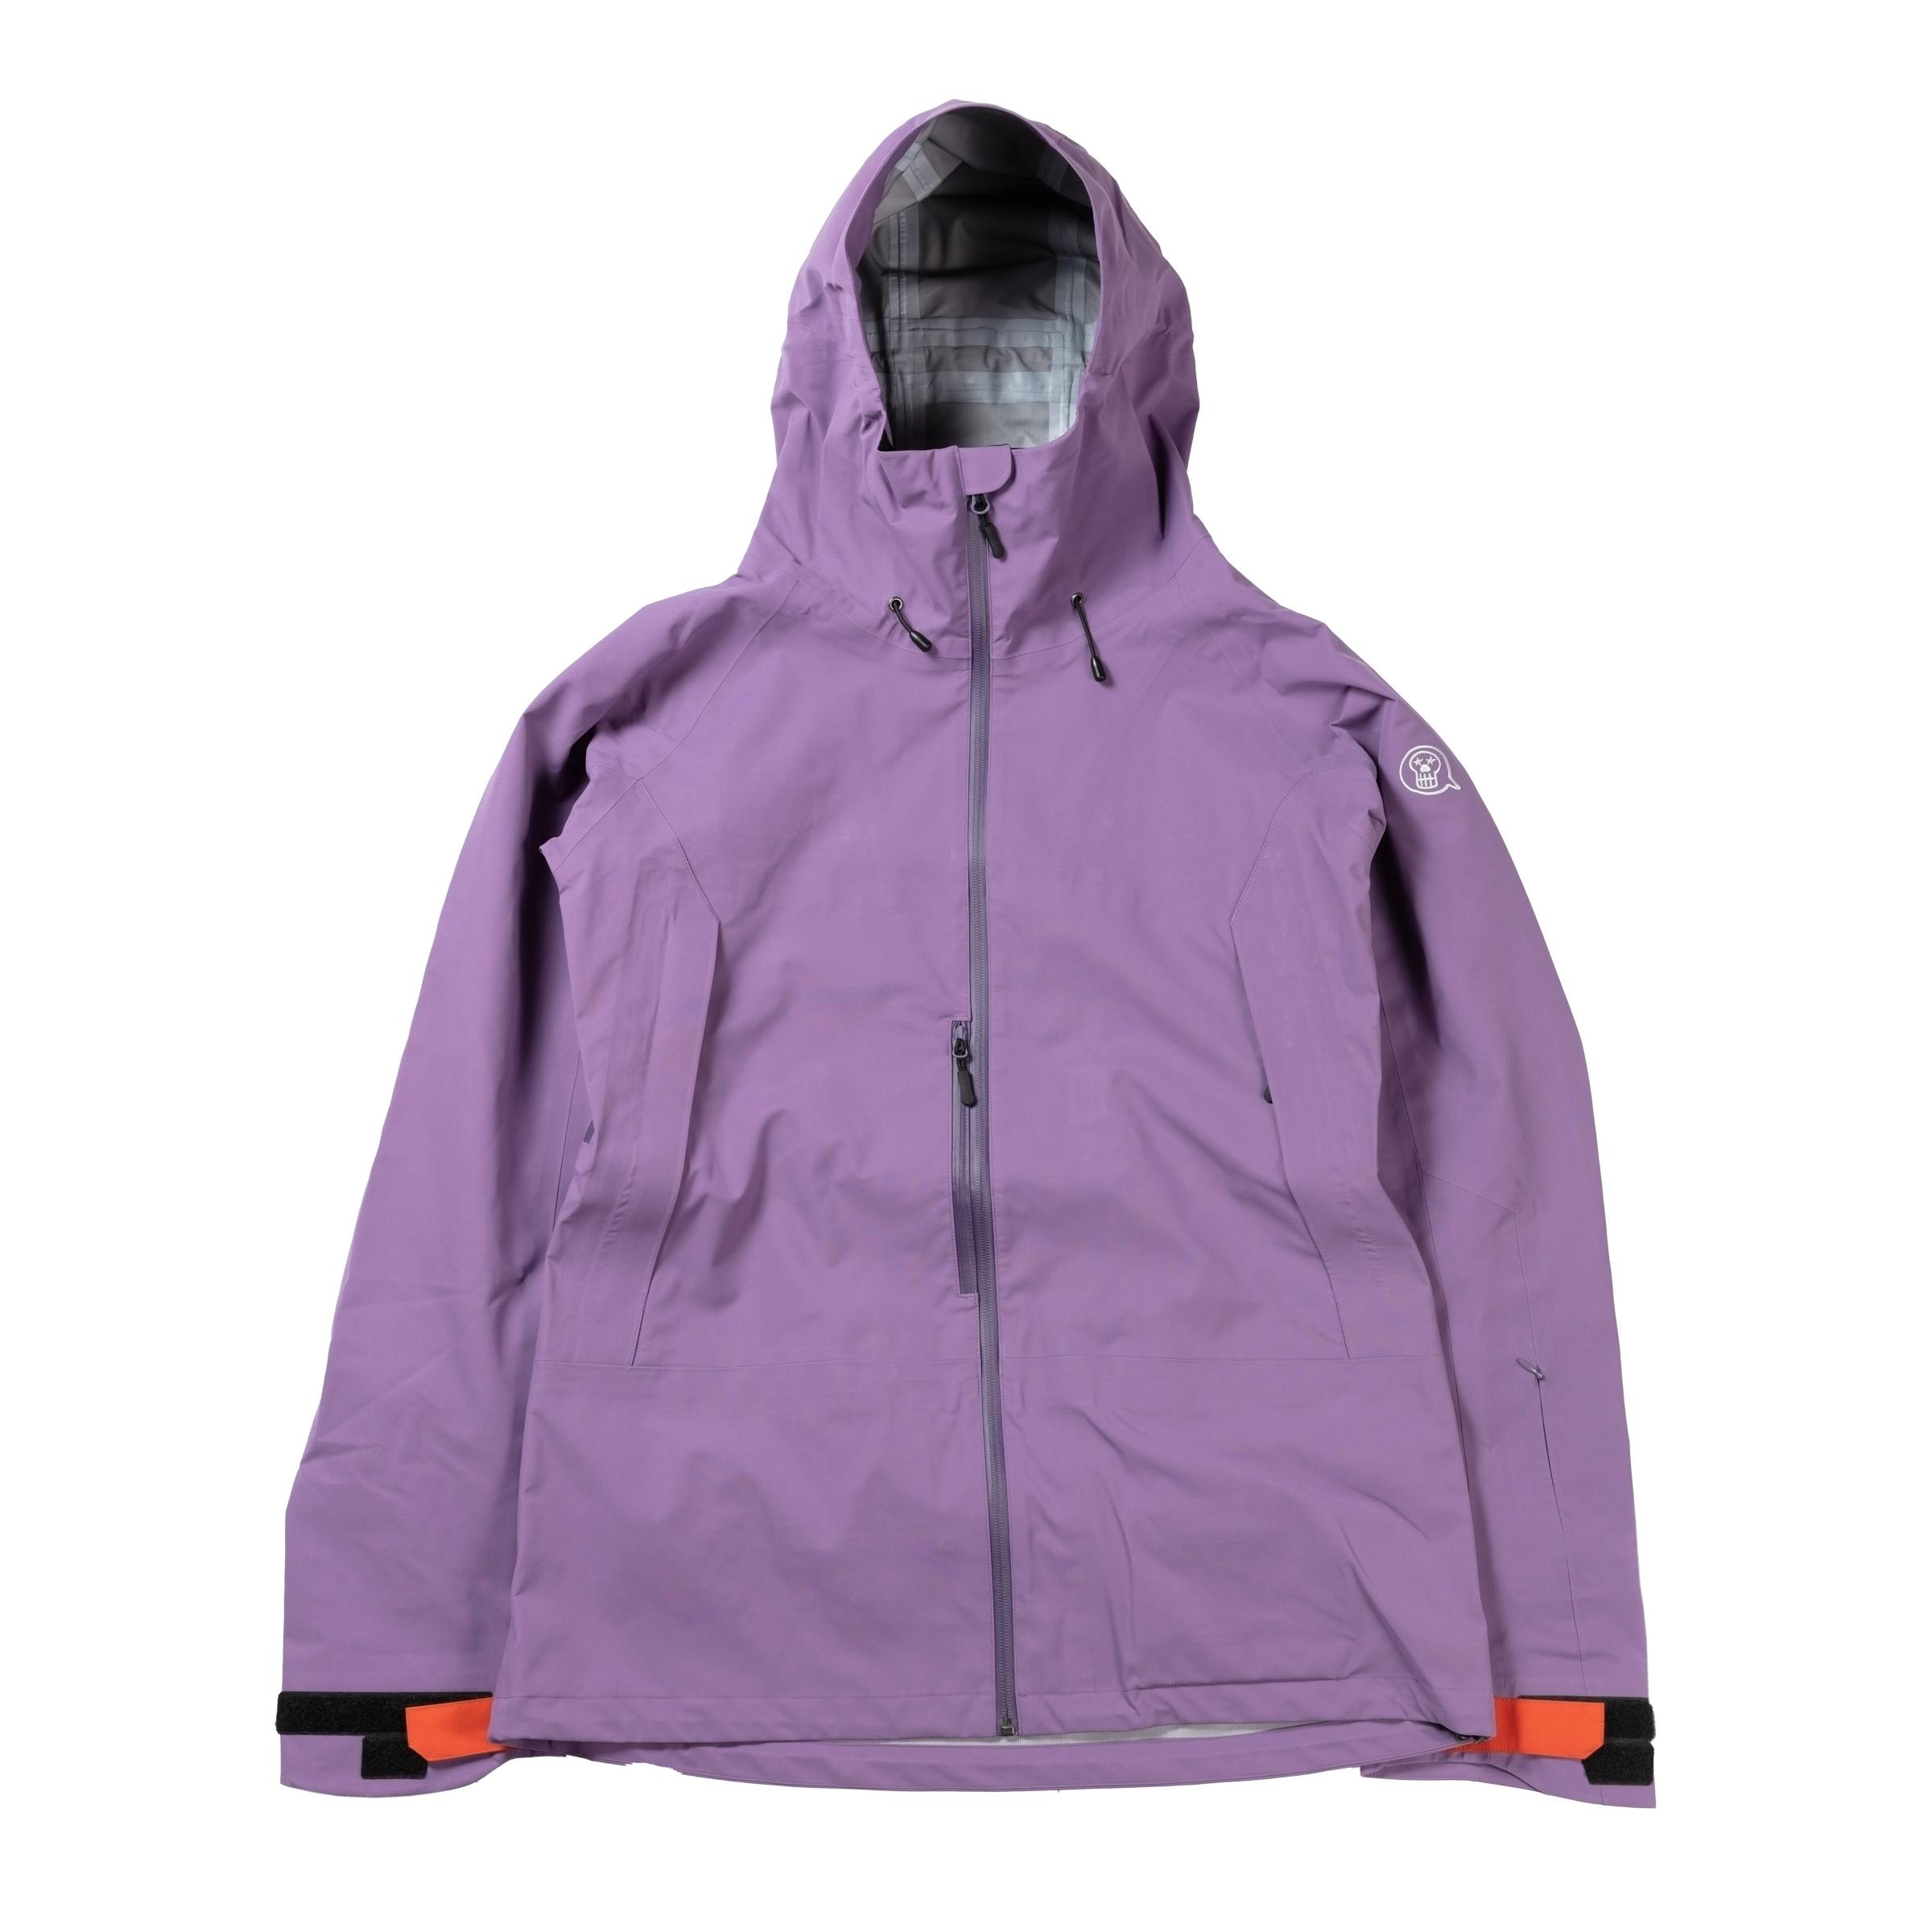 2021unfudge snow wear // CLOUD JACKET // PURPLE / 10月中旬発送